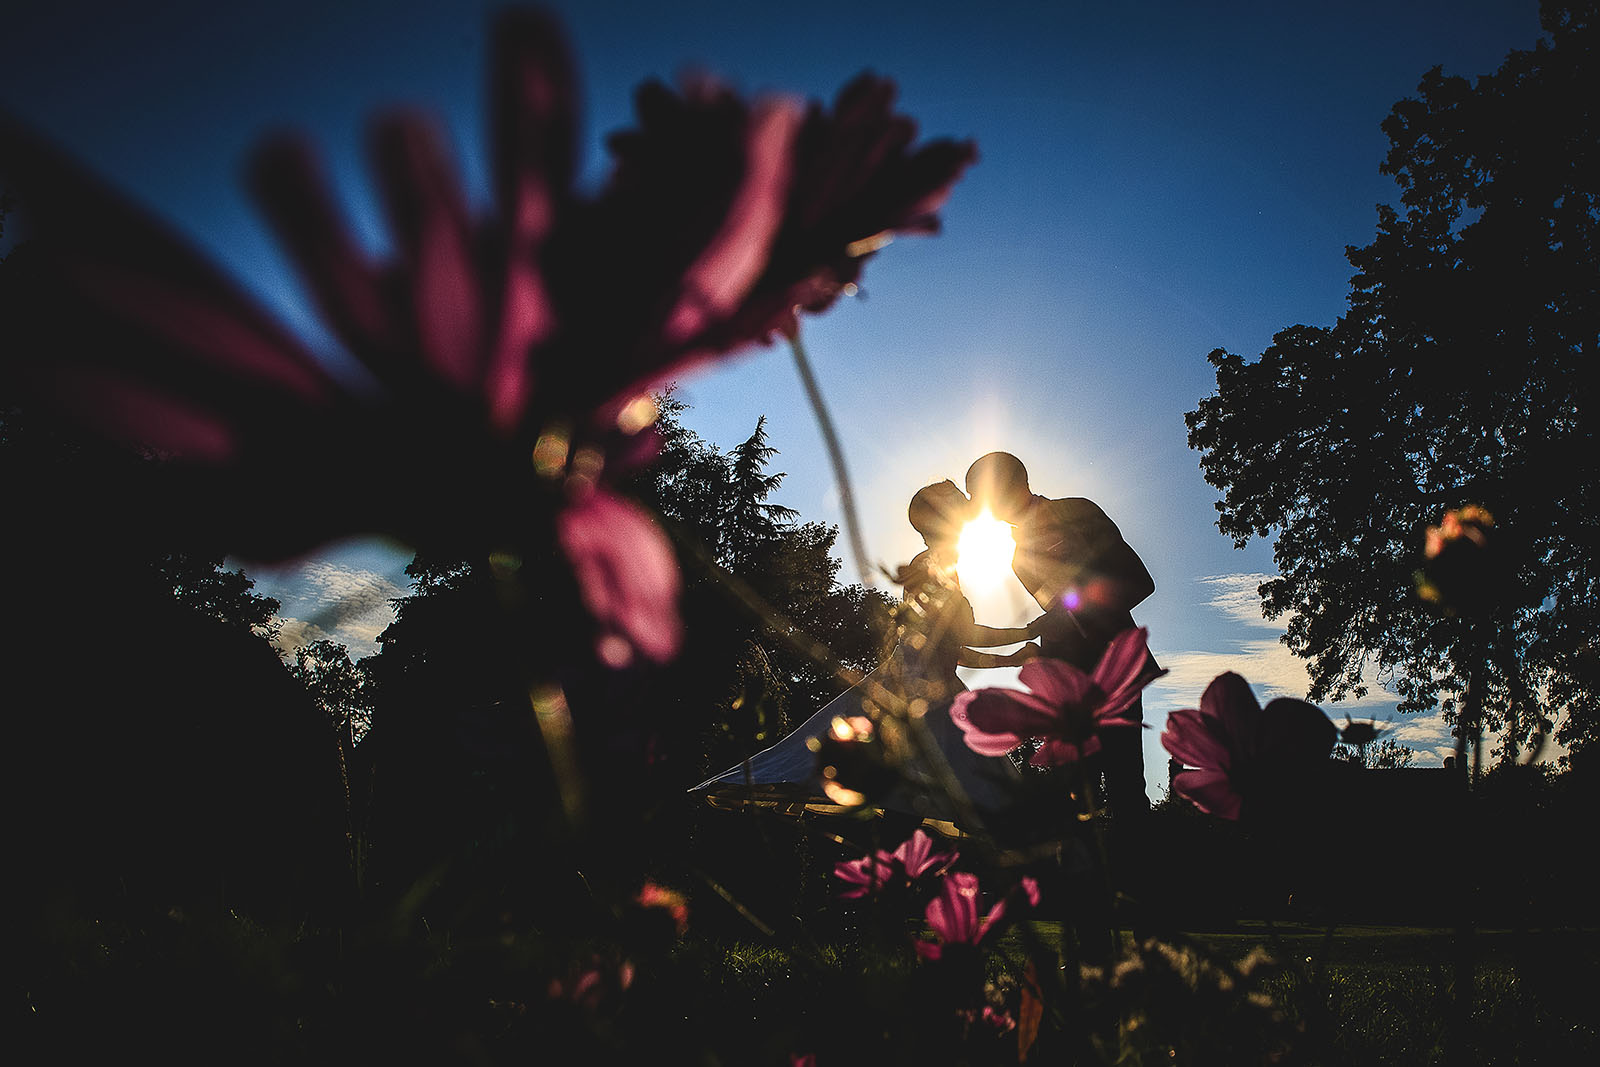 photographe-mariage-manoir-des-prevanches-normandie-eure-reportage-beau-couleur-anglais-davidpommier (36)